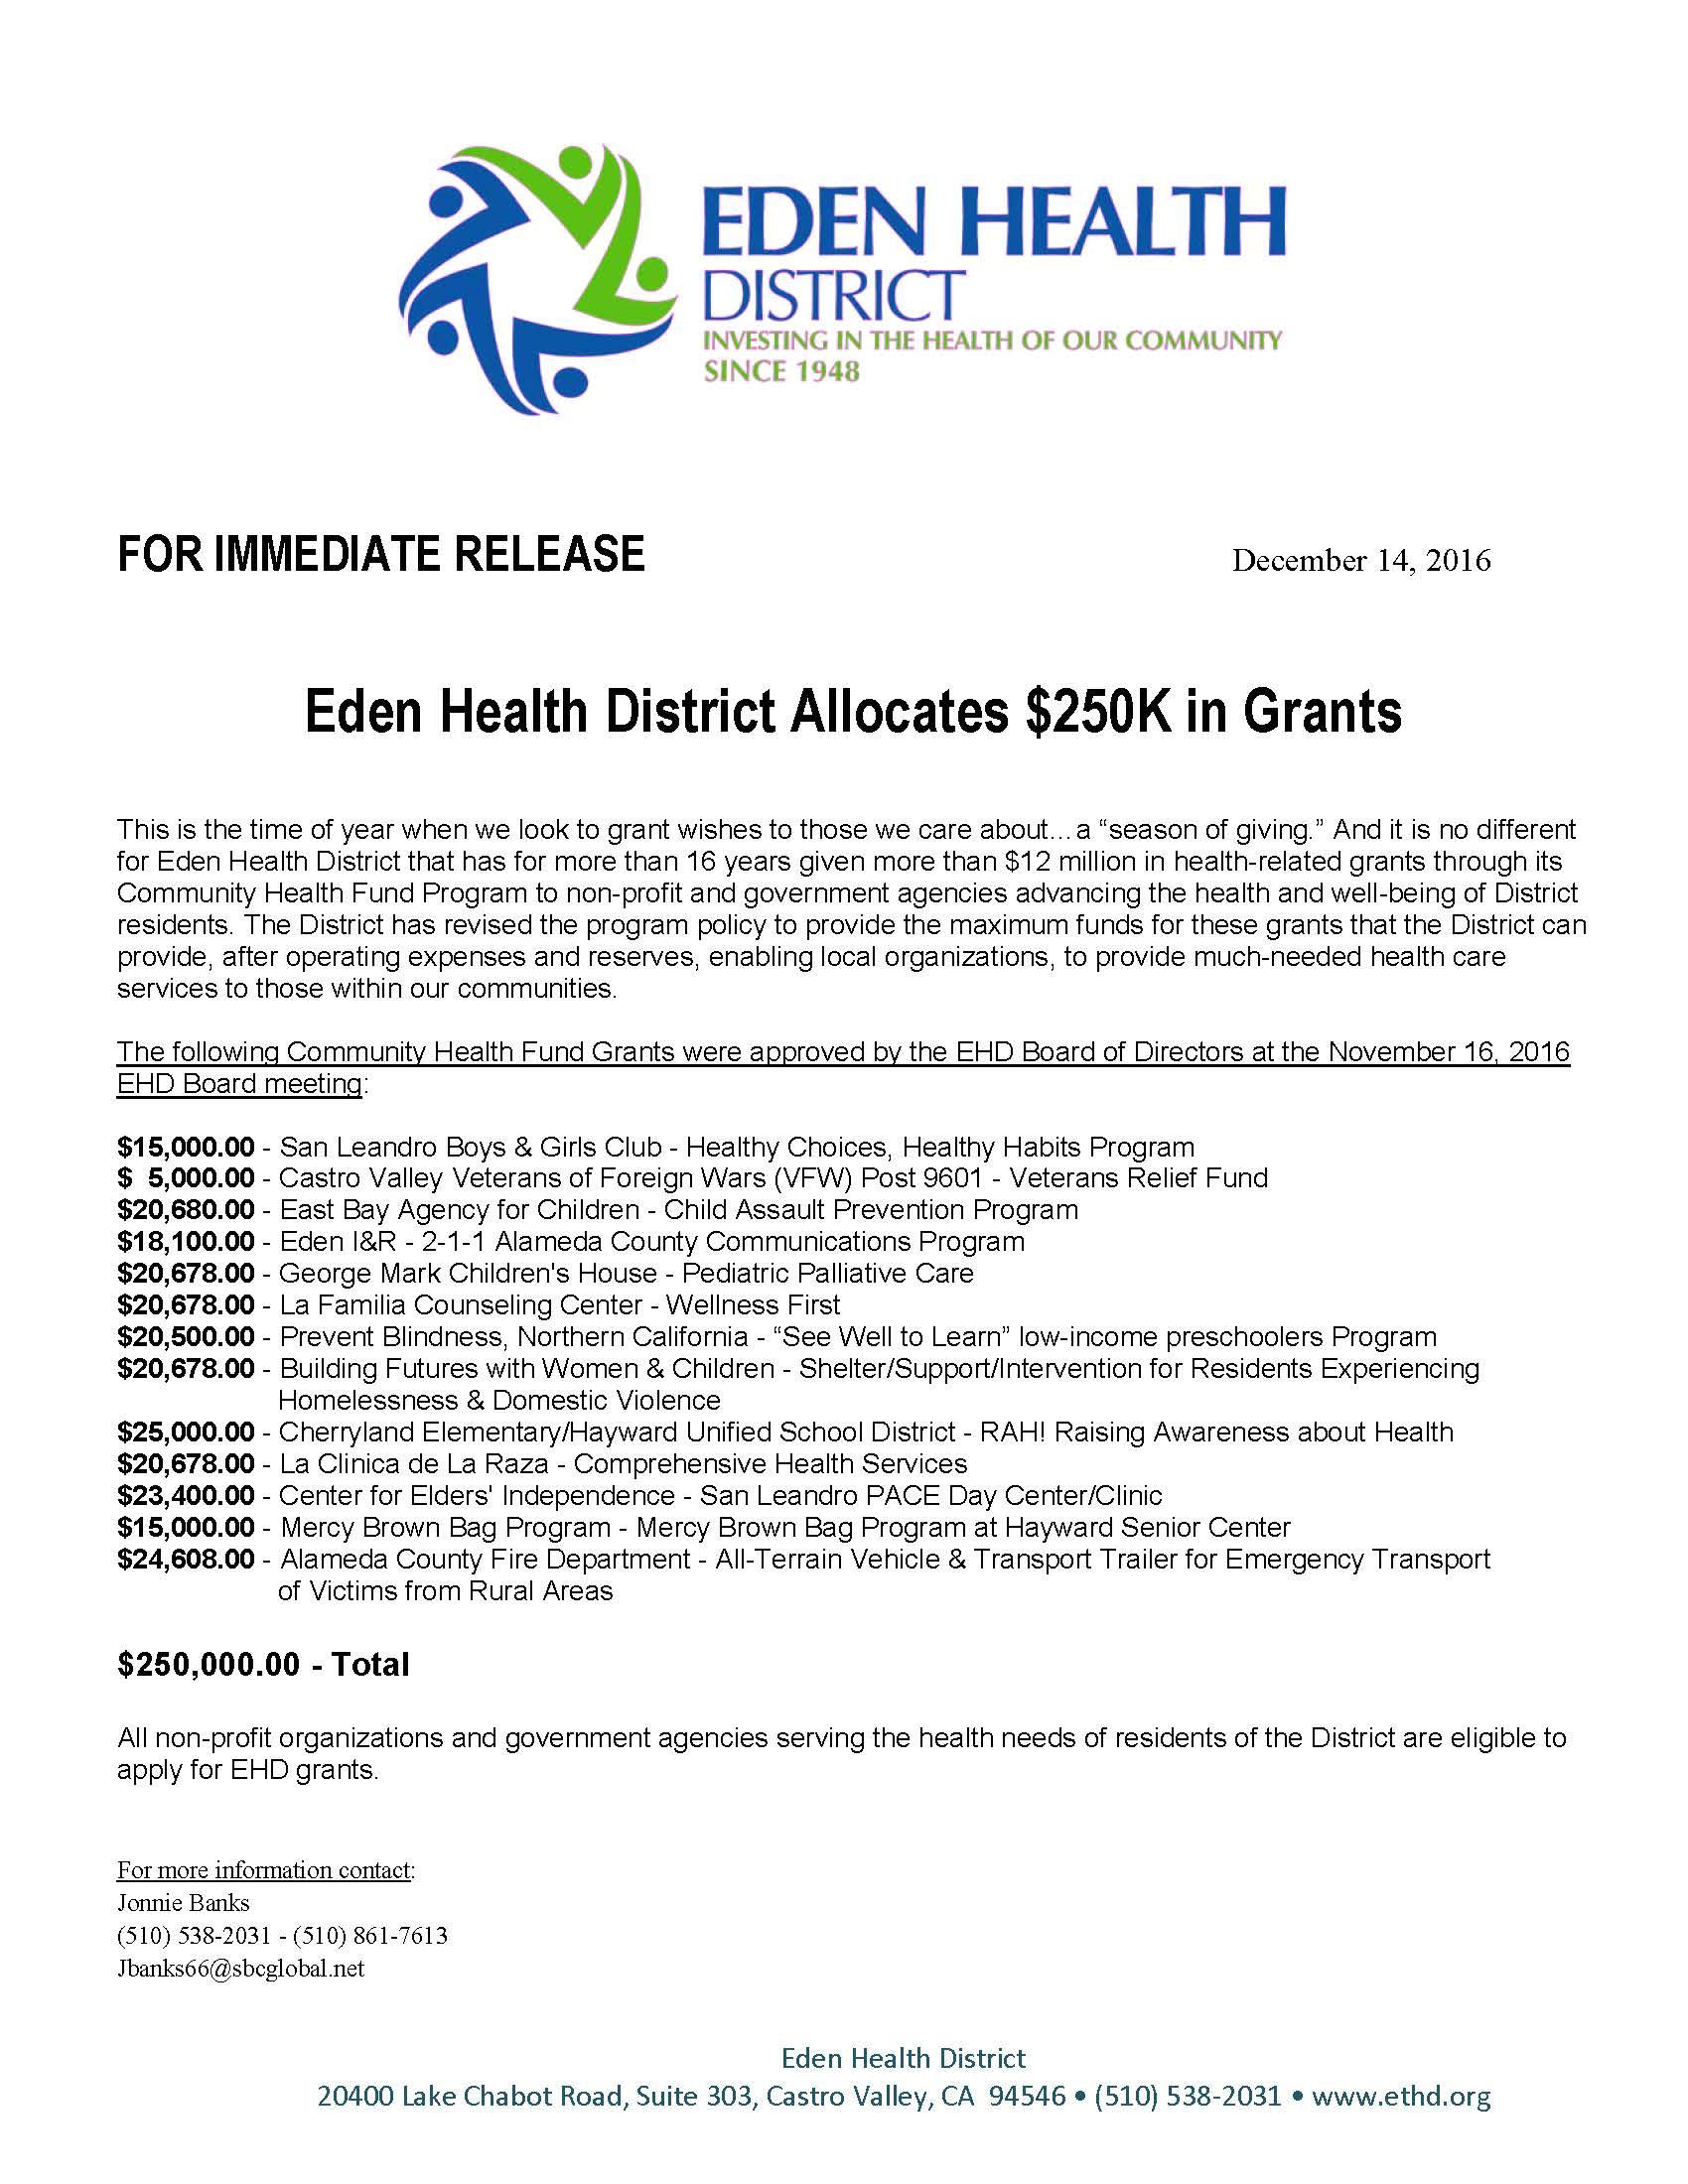 ehd-2016-2017-community-grants-press-releases-dec-2016